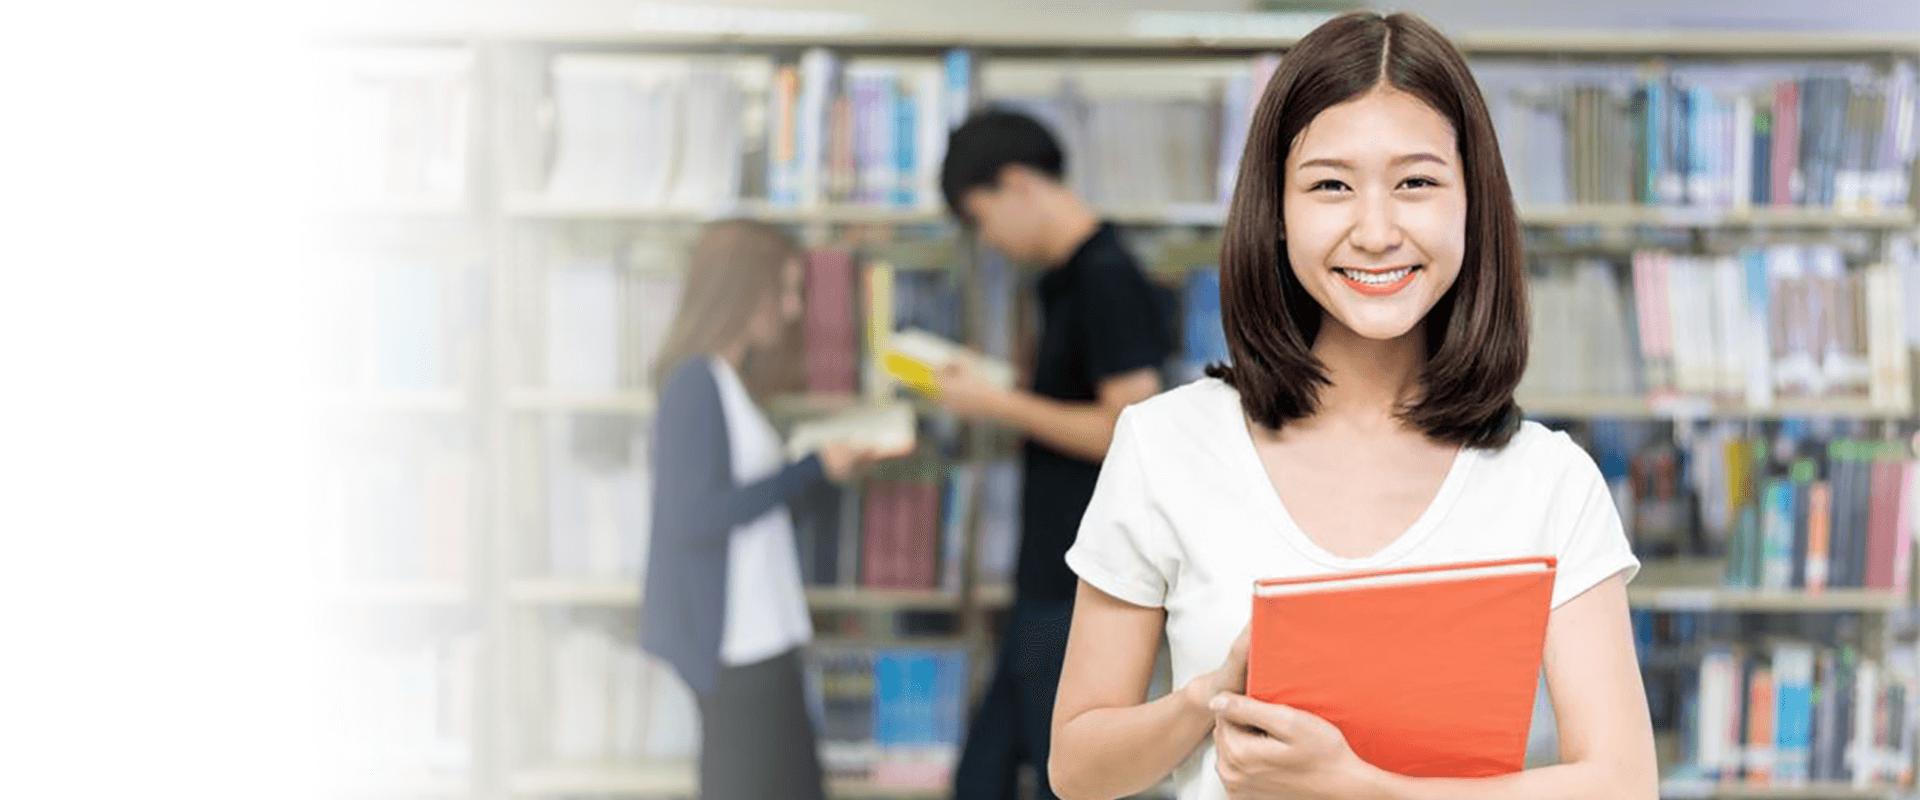 Luyện thi IELTS đảm bảo đầu ra 6.5+ và 8.0 với phương pháp học chủ động - Active English